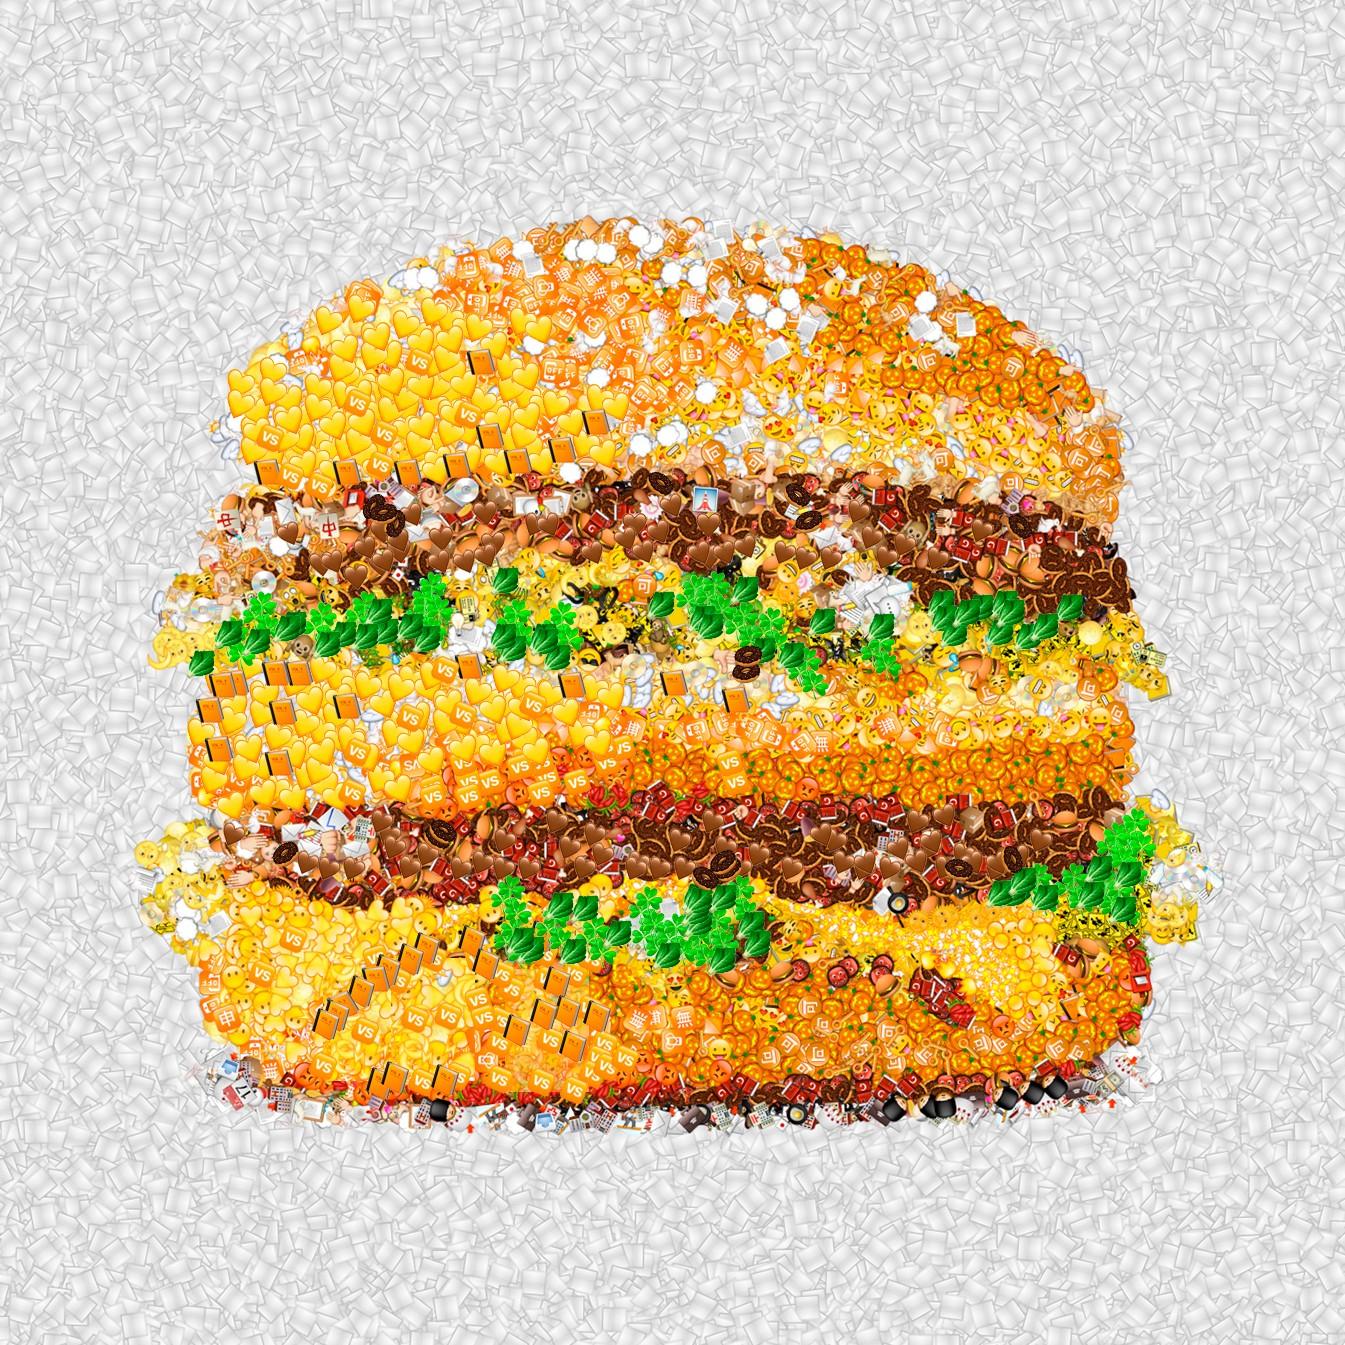 麦当劳创意海报设计:2020年世界表情日(World Emoji Day)